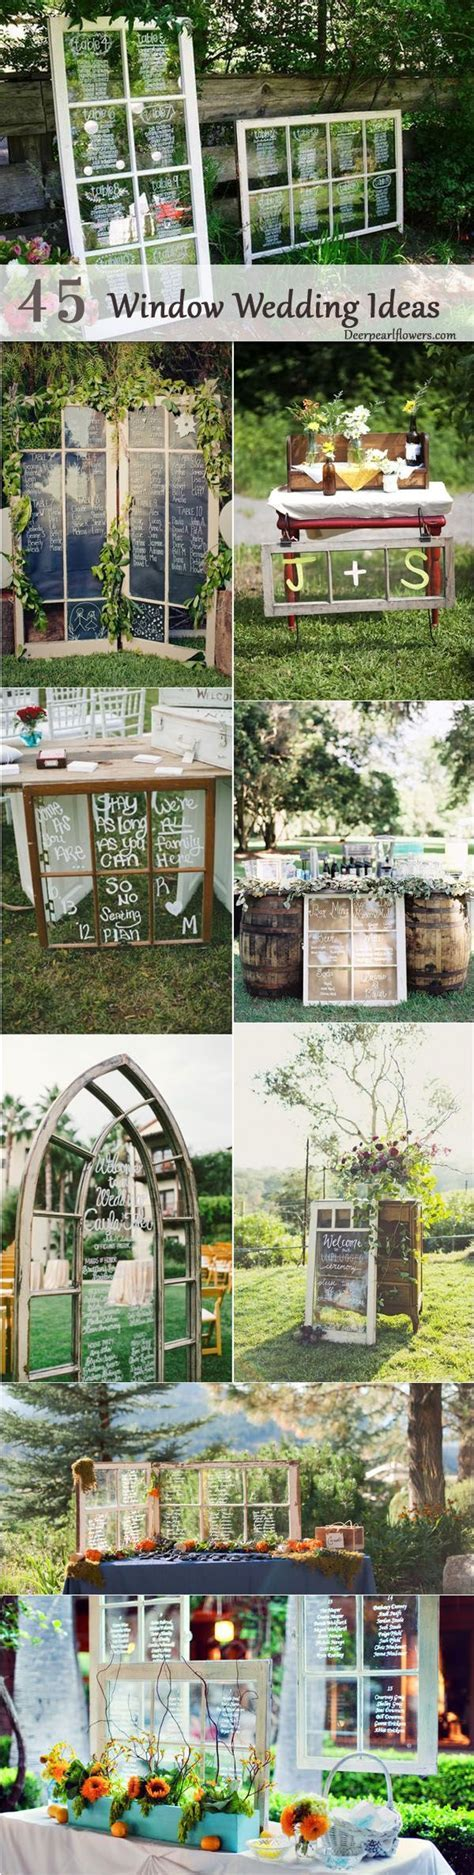 45 Fab Diy Window Decoration Ideas for Weddings   Wedding